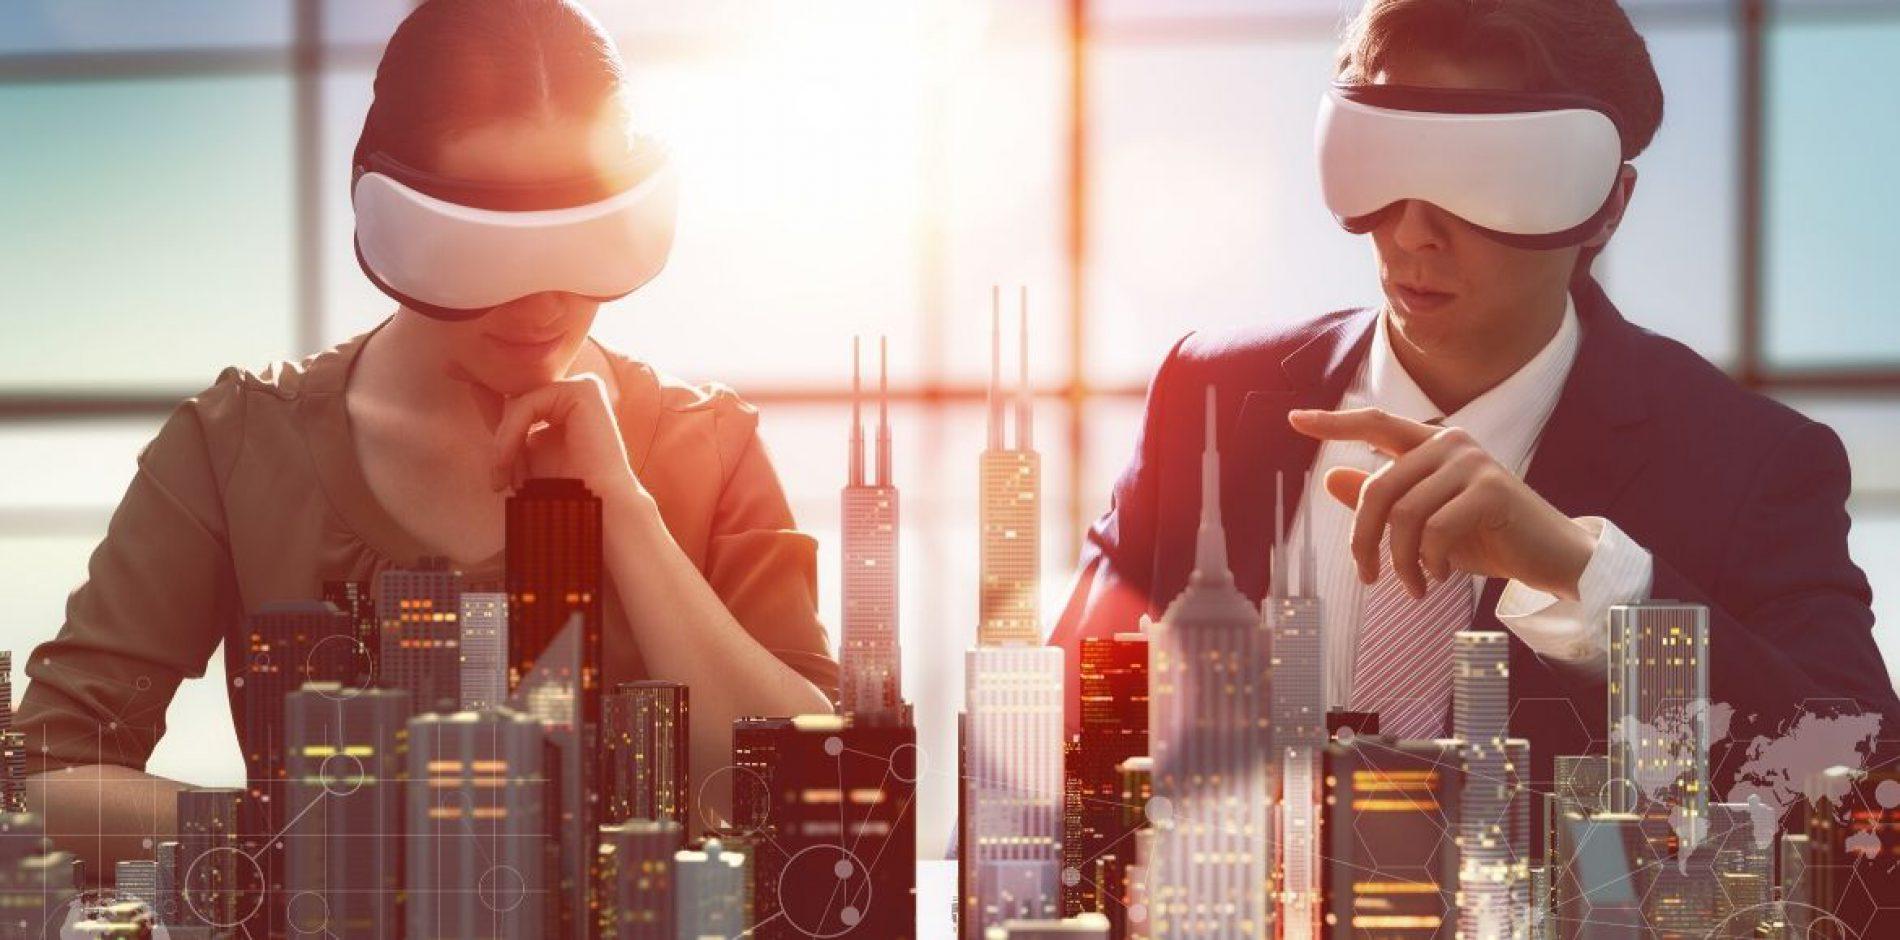 Lavori del futuro – Categorie e professioni più richieste entro i prossimi dieci anni